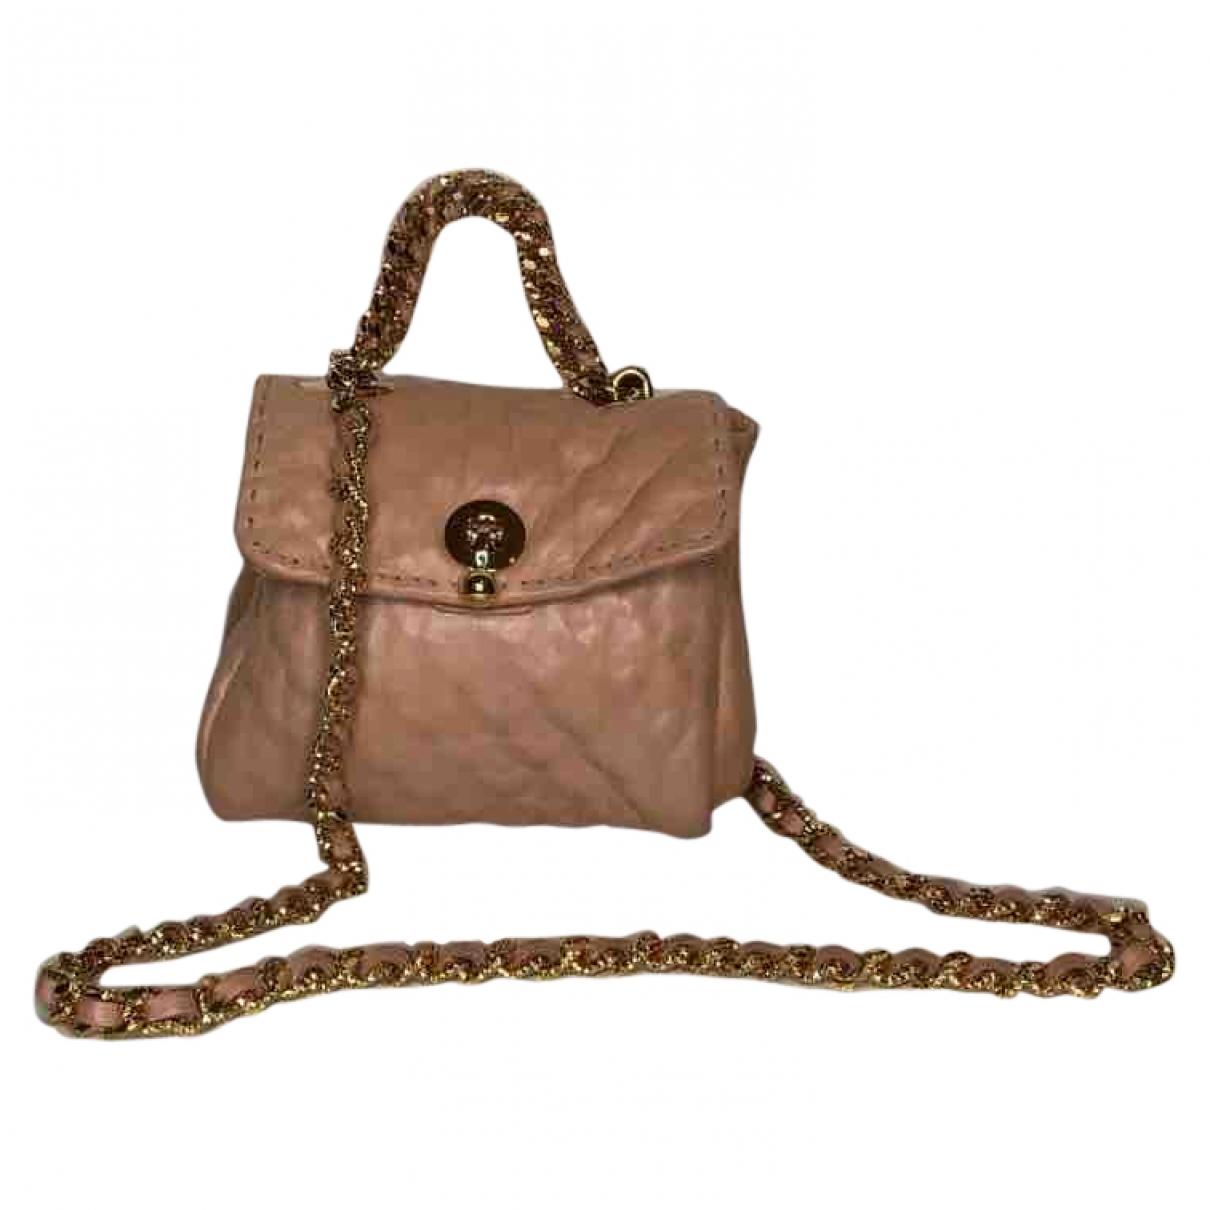 Ermanno Scervino \N Handtasche in  Beige Leder